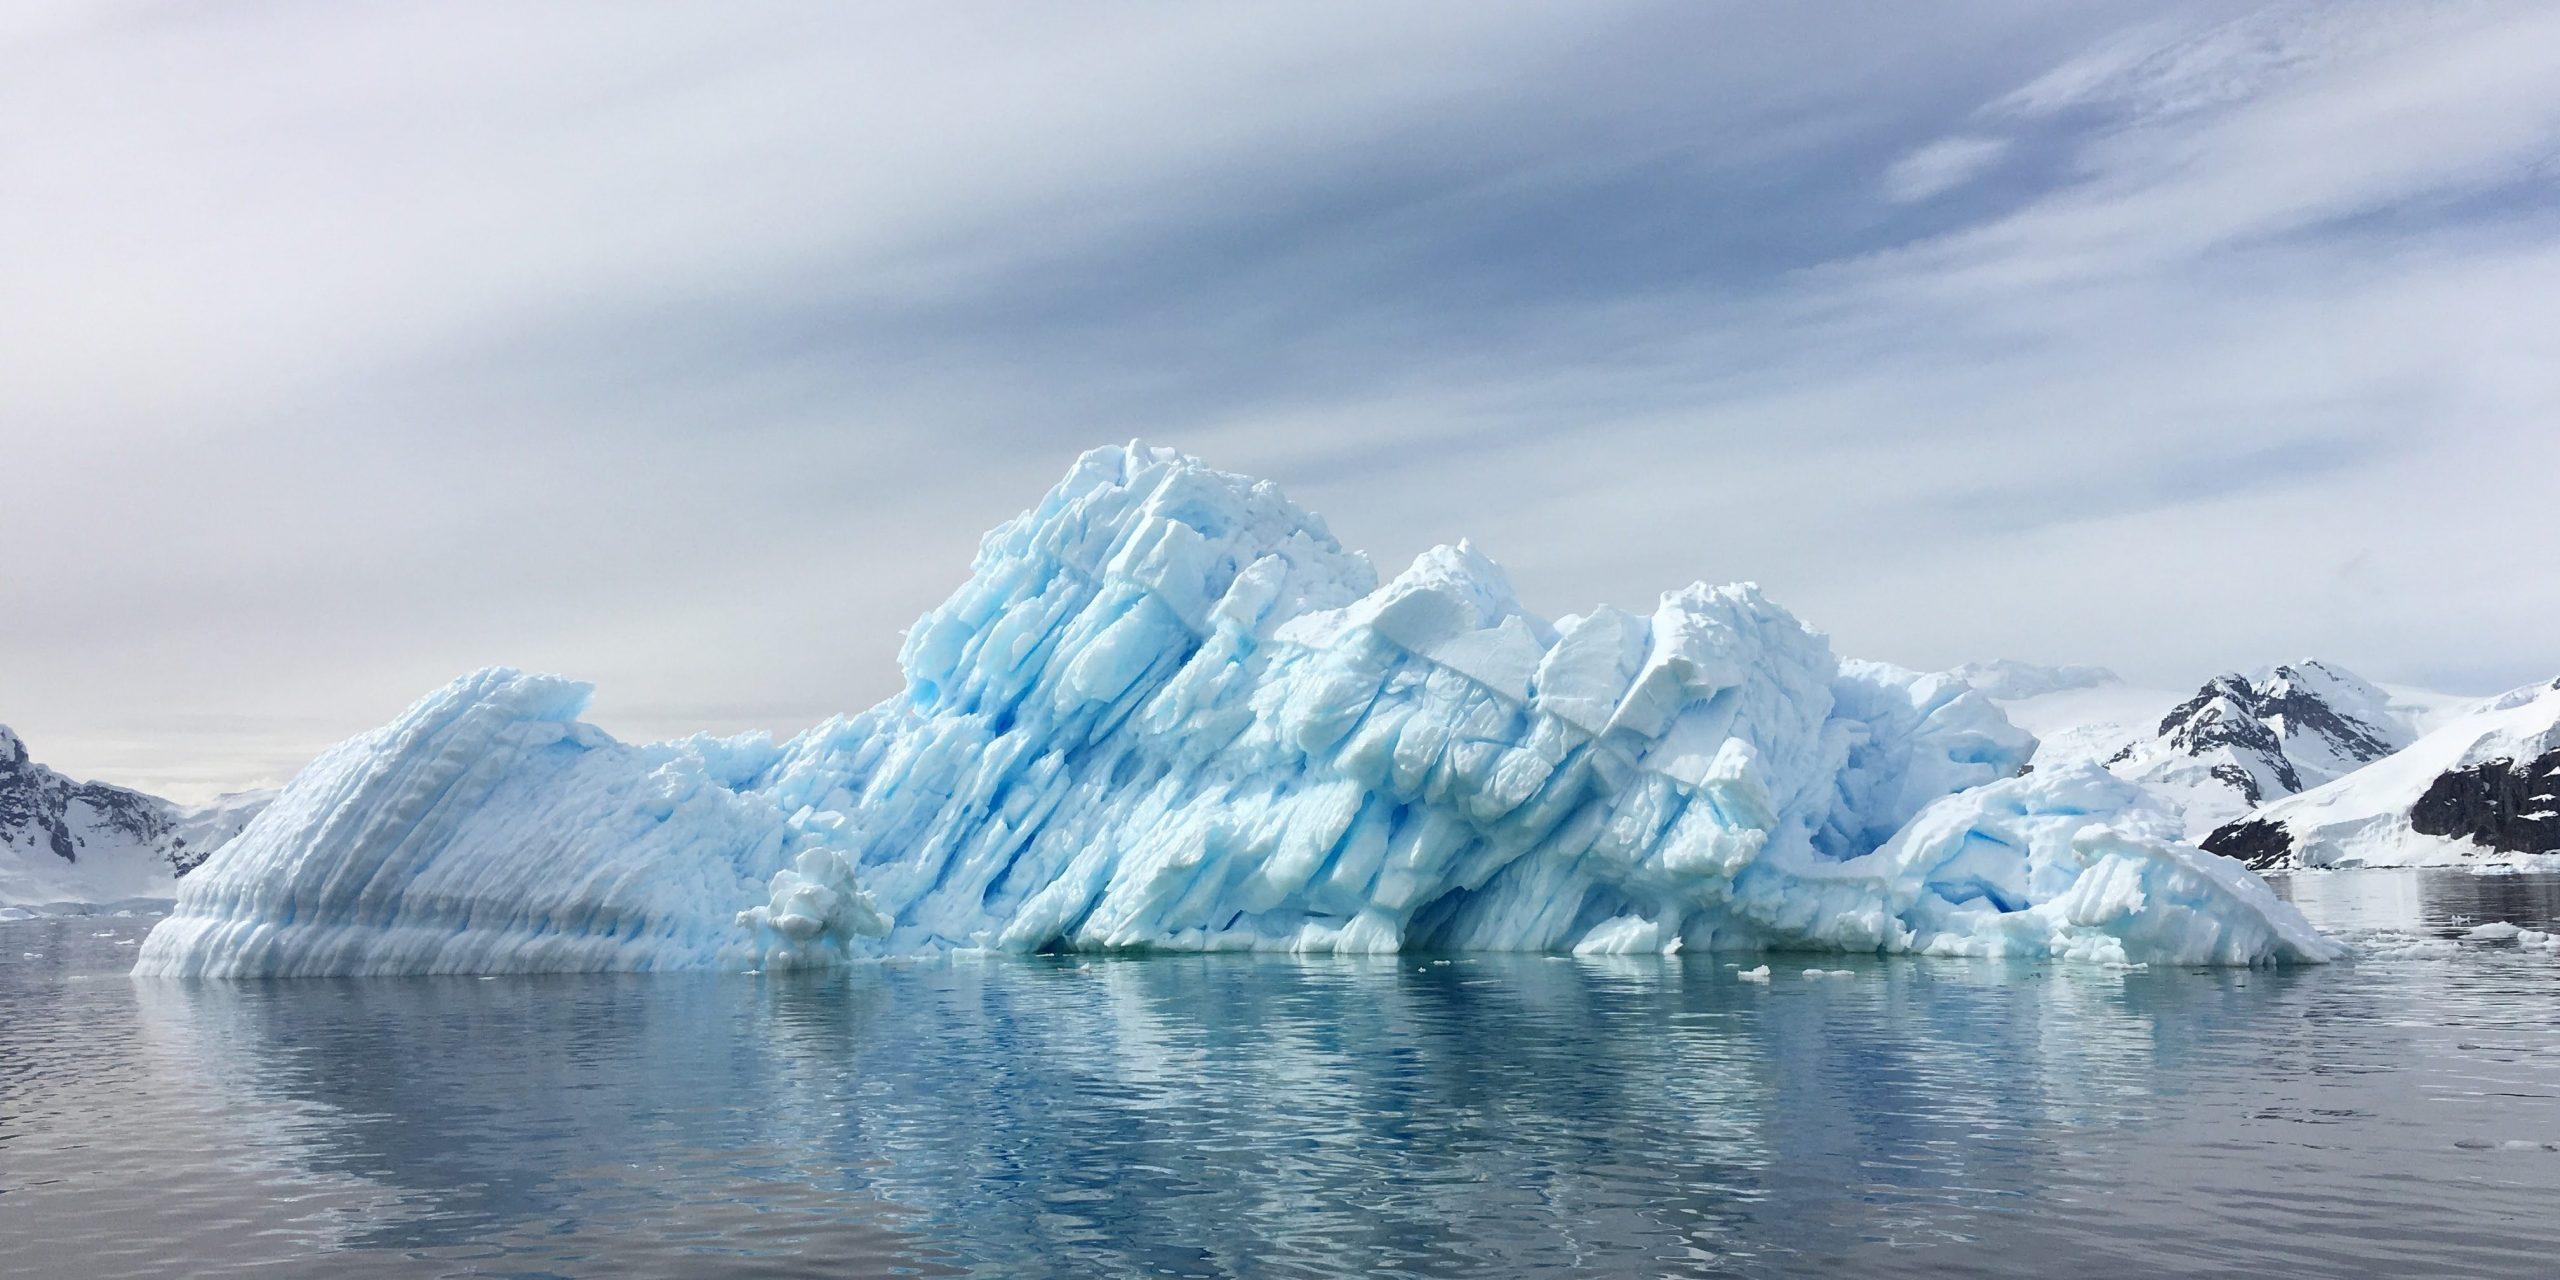 В Антарктиде развернута сеть интернета вещей